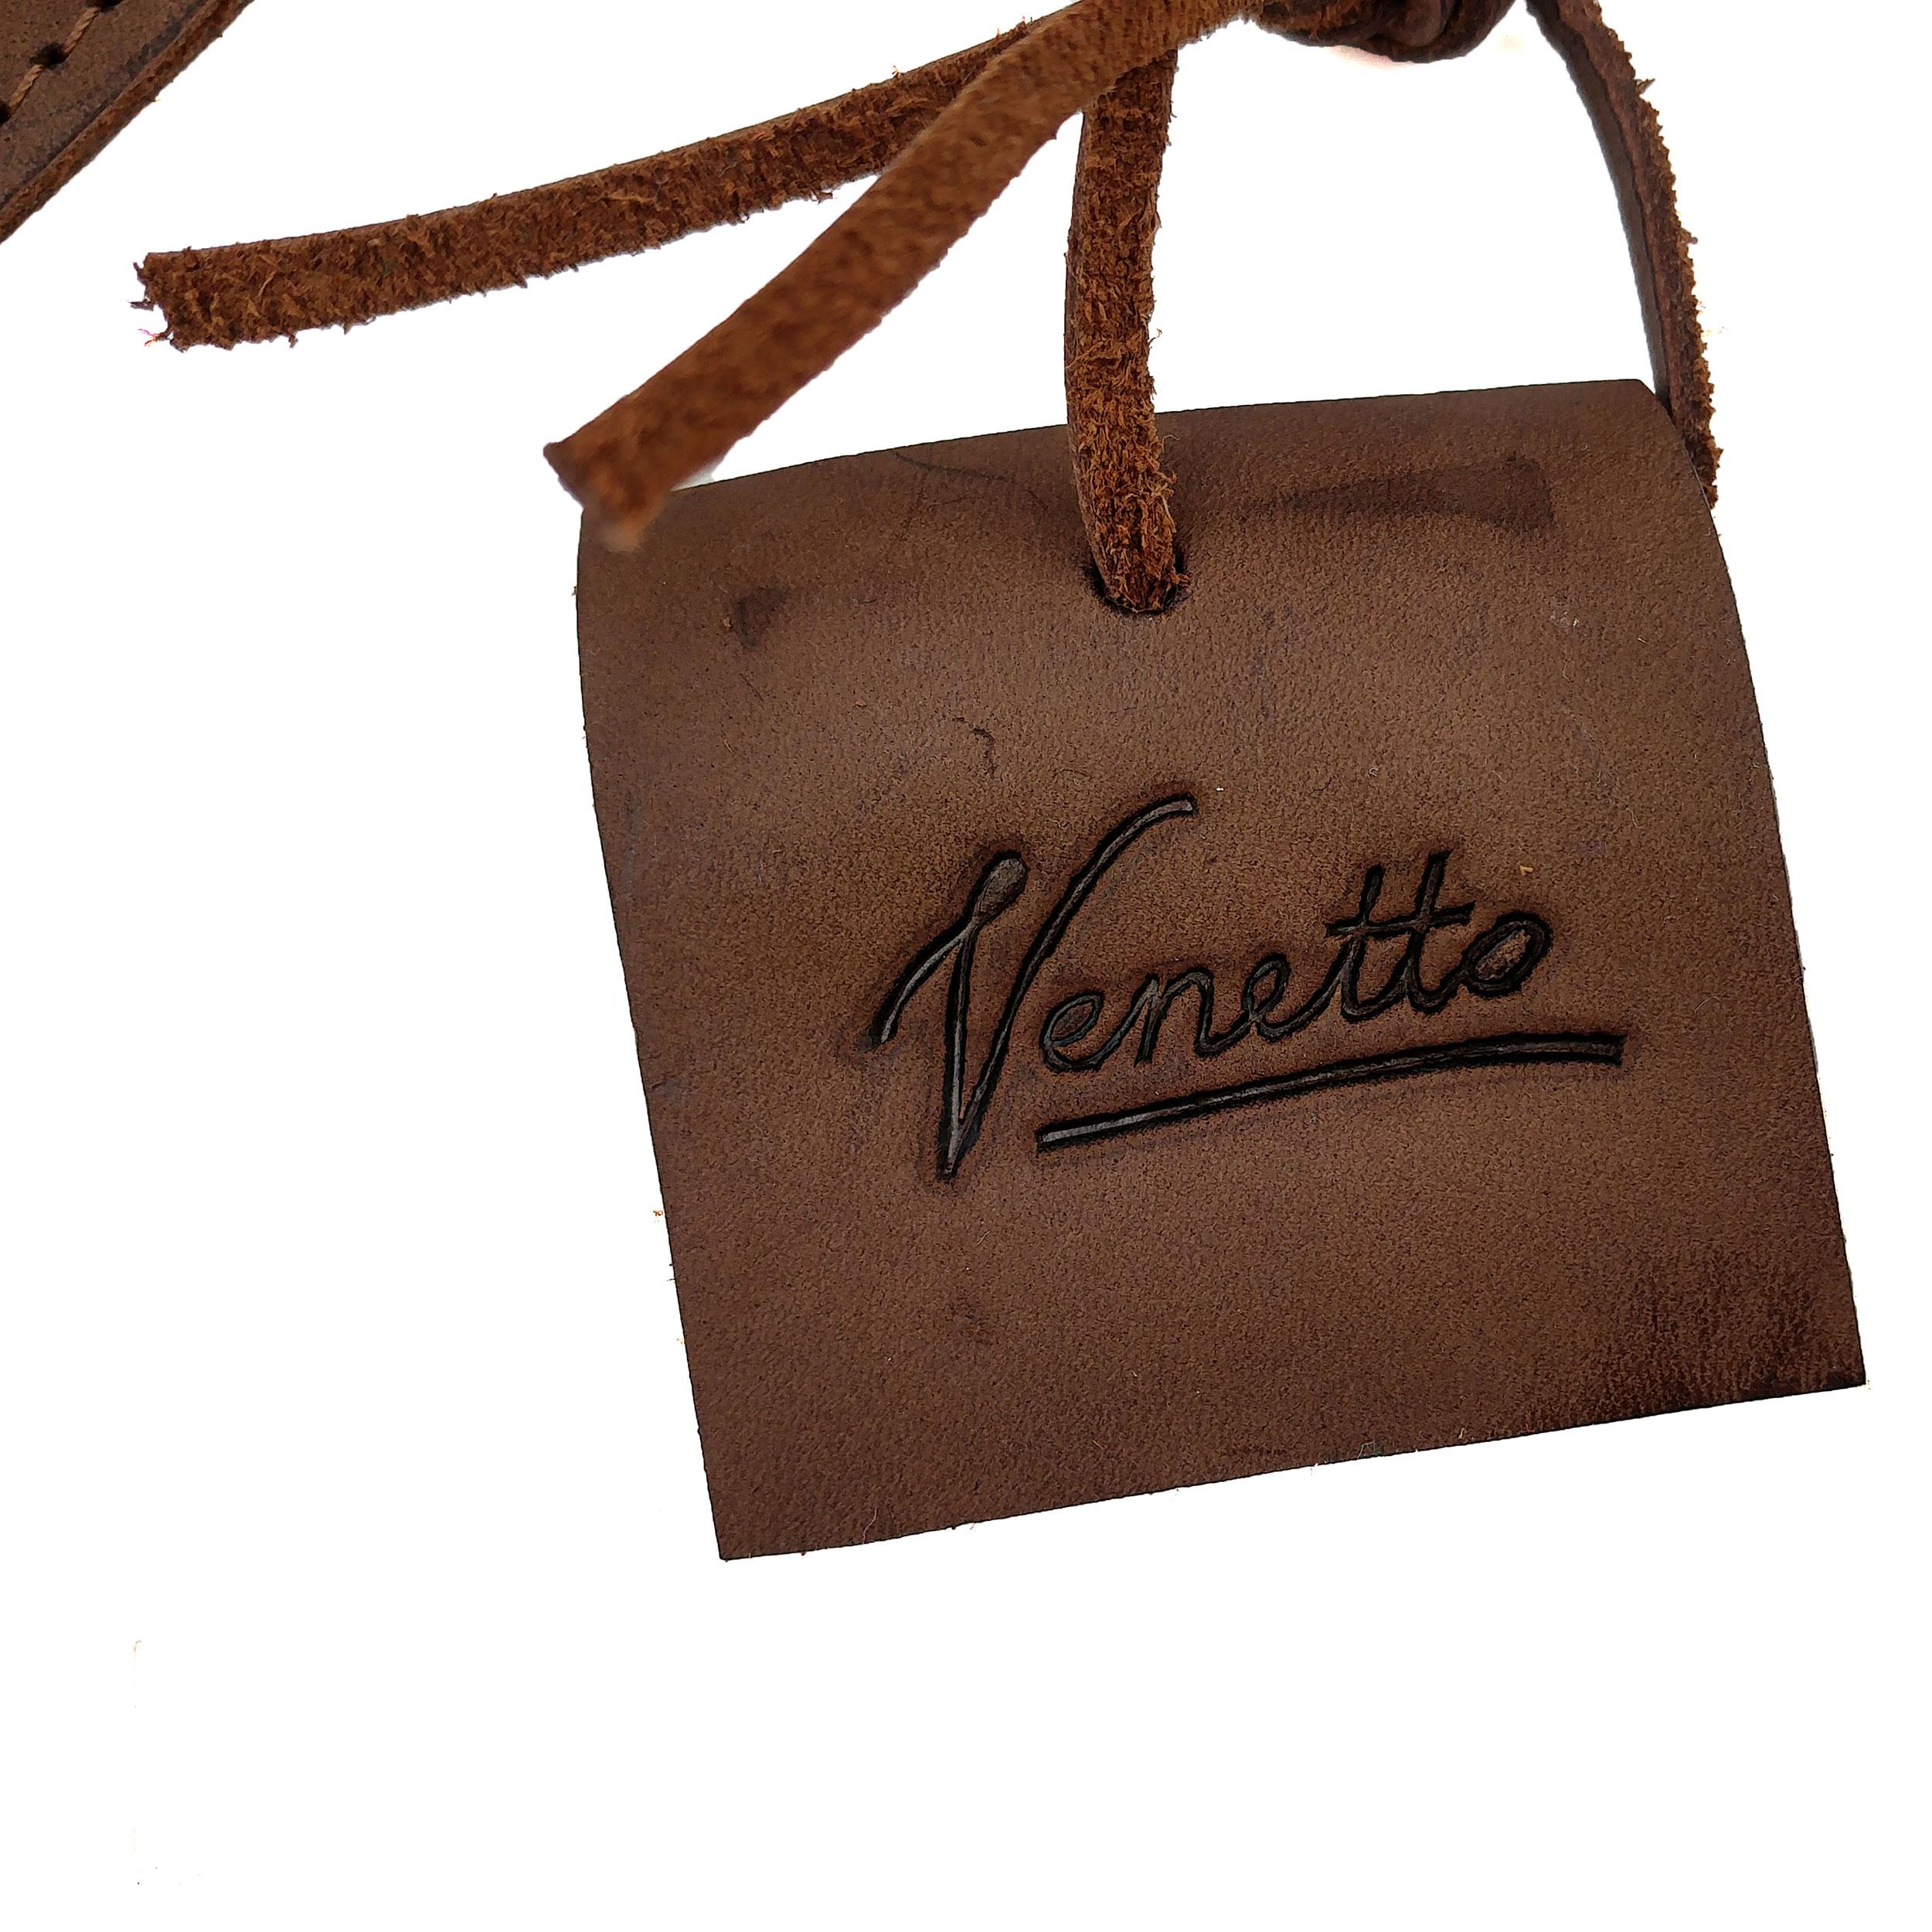 Veredelungsmöglichkeiten Individualisierung von Venetto Filzprodukten